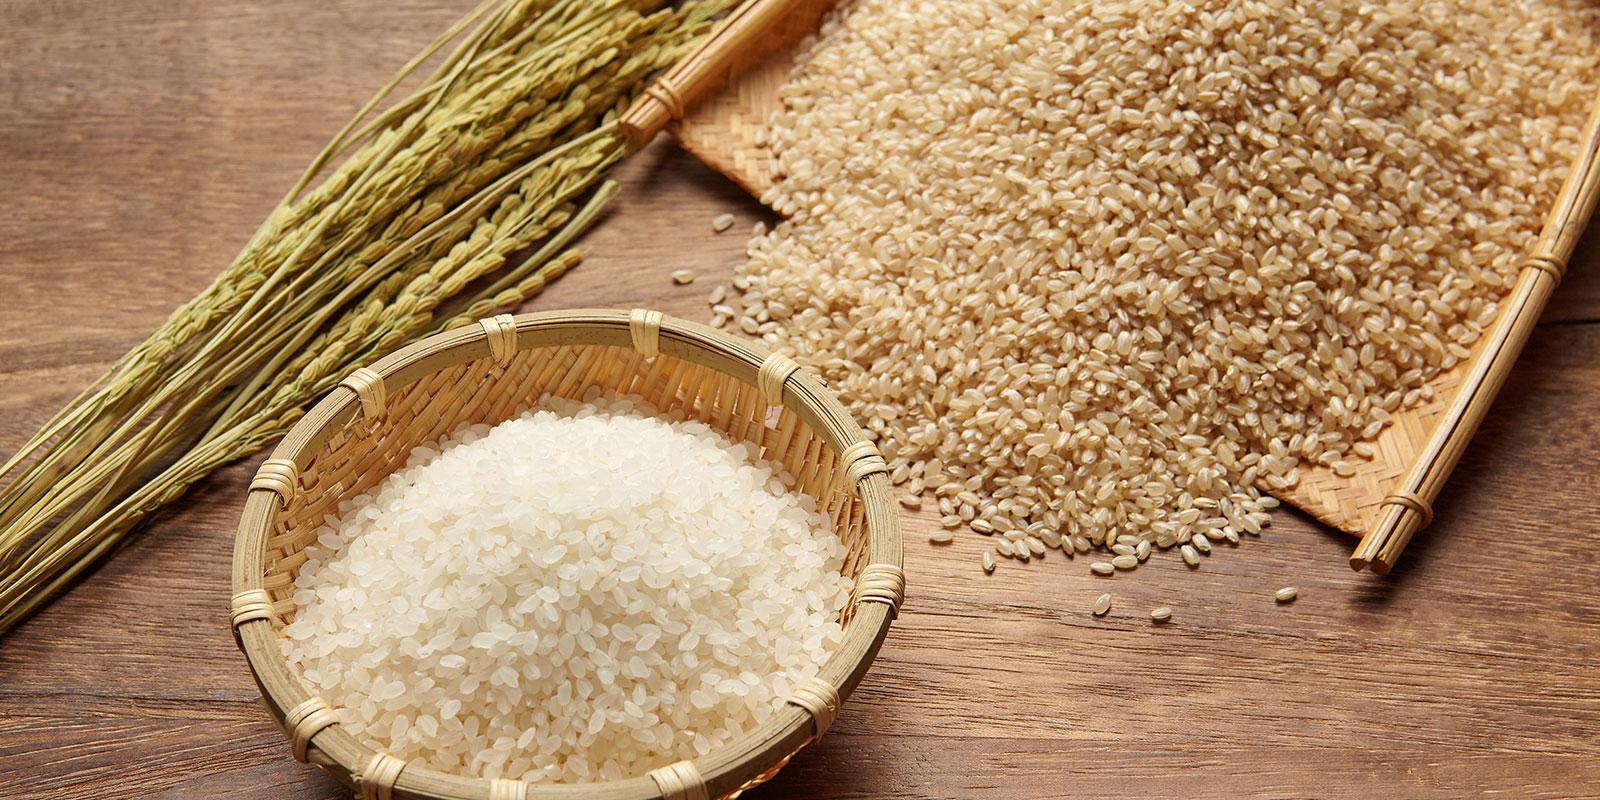 玄米をついて糠(ぬか)を取り除く「精米」 | 稲作の歴史とそれを支えた ...